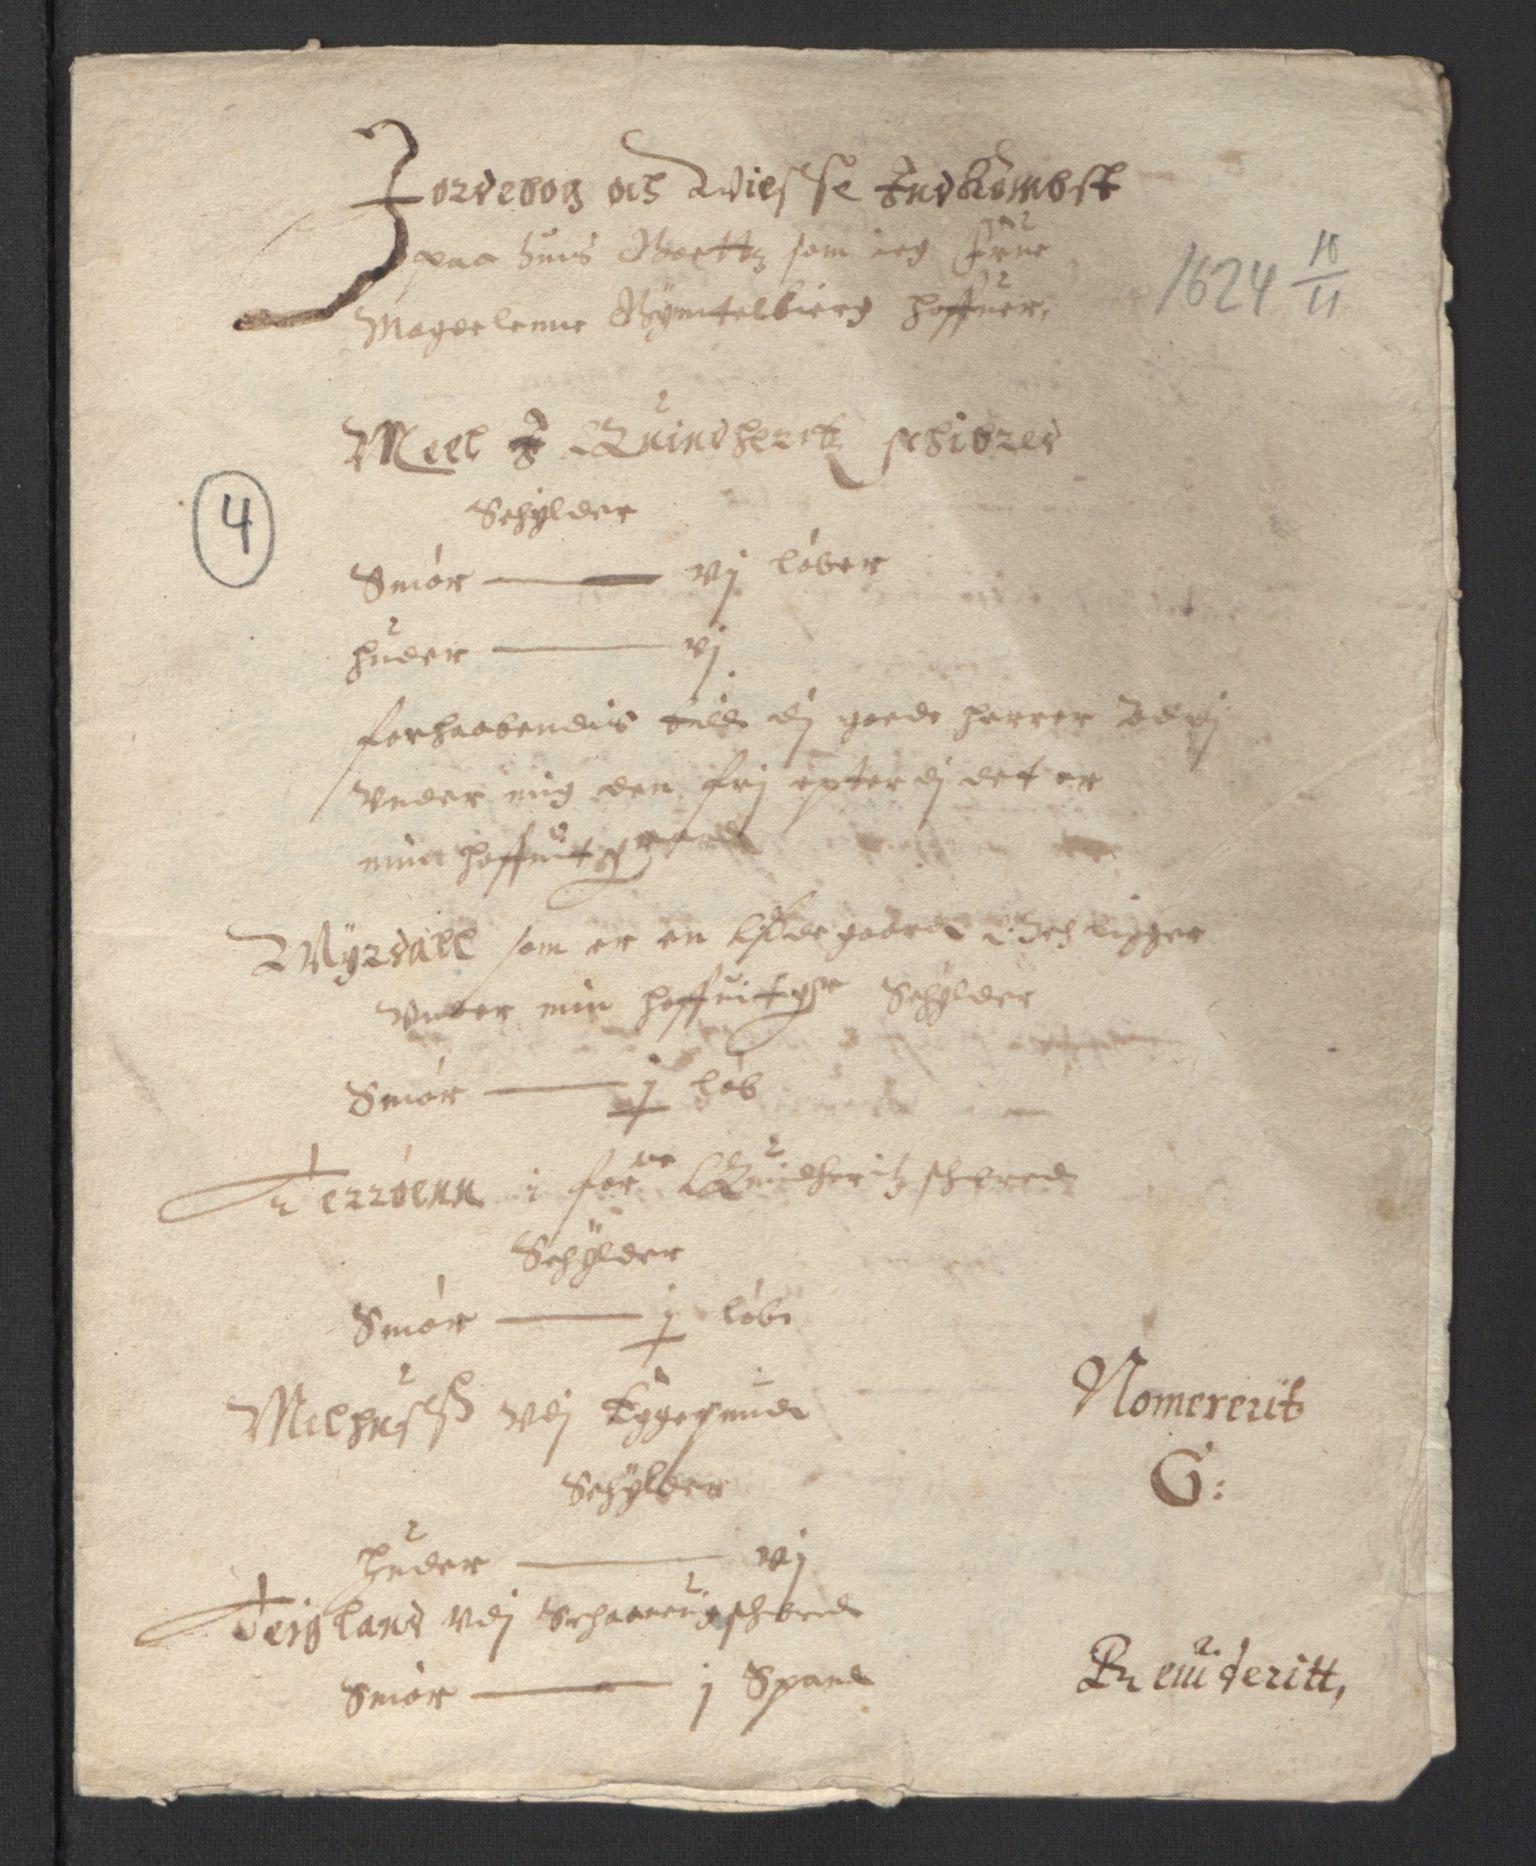 RA, Stattholderembetet 1572-1771, Ek/L0007: Jordebøker til utlikning av rosstjeneste 1624-1626:, 1624-1625, s. 242